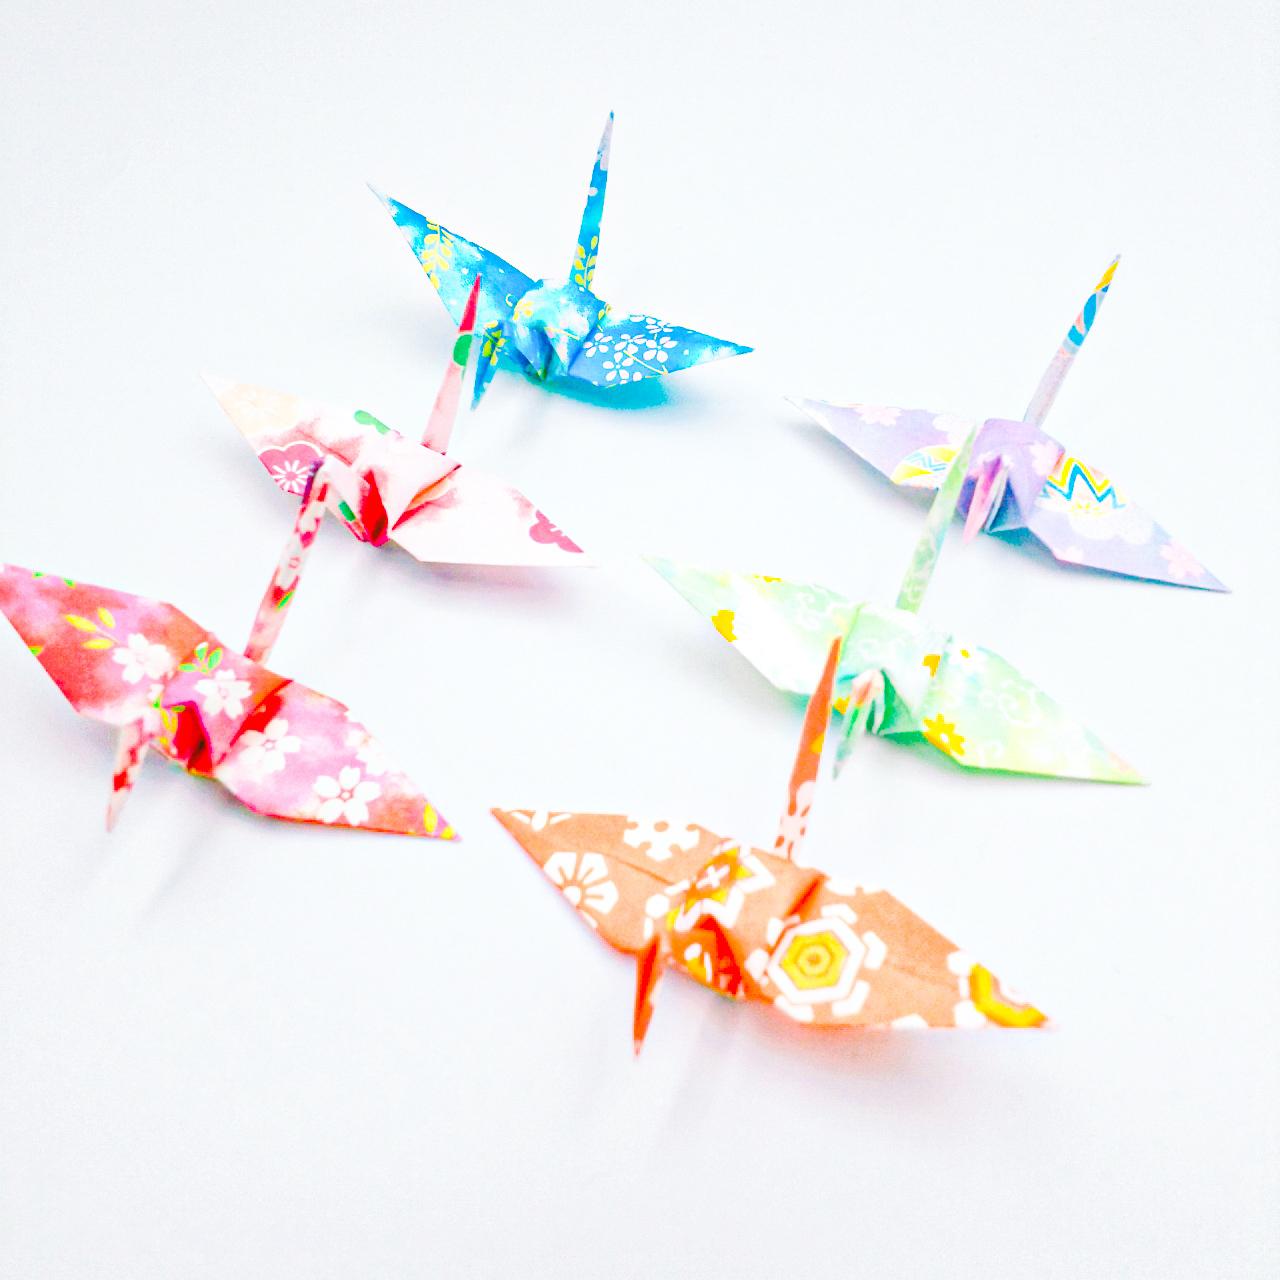 【特別記念価格】これからも健やかに。暖かな未来へと向かう折り鶴 (神前式、和装婚折り鶴シャワー演出・和風撮影小物) 120羽